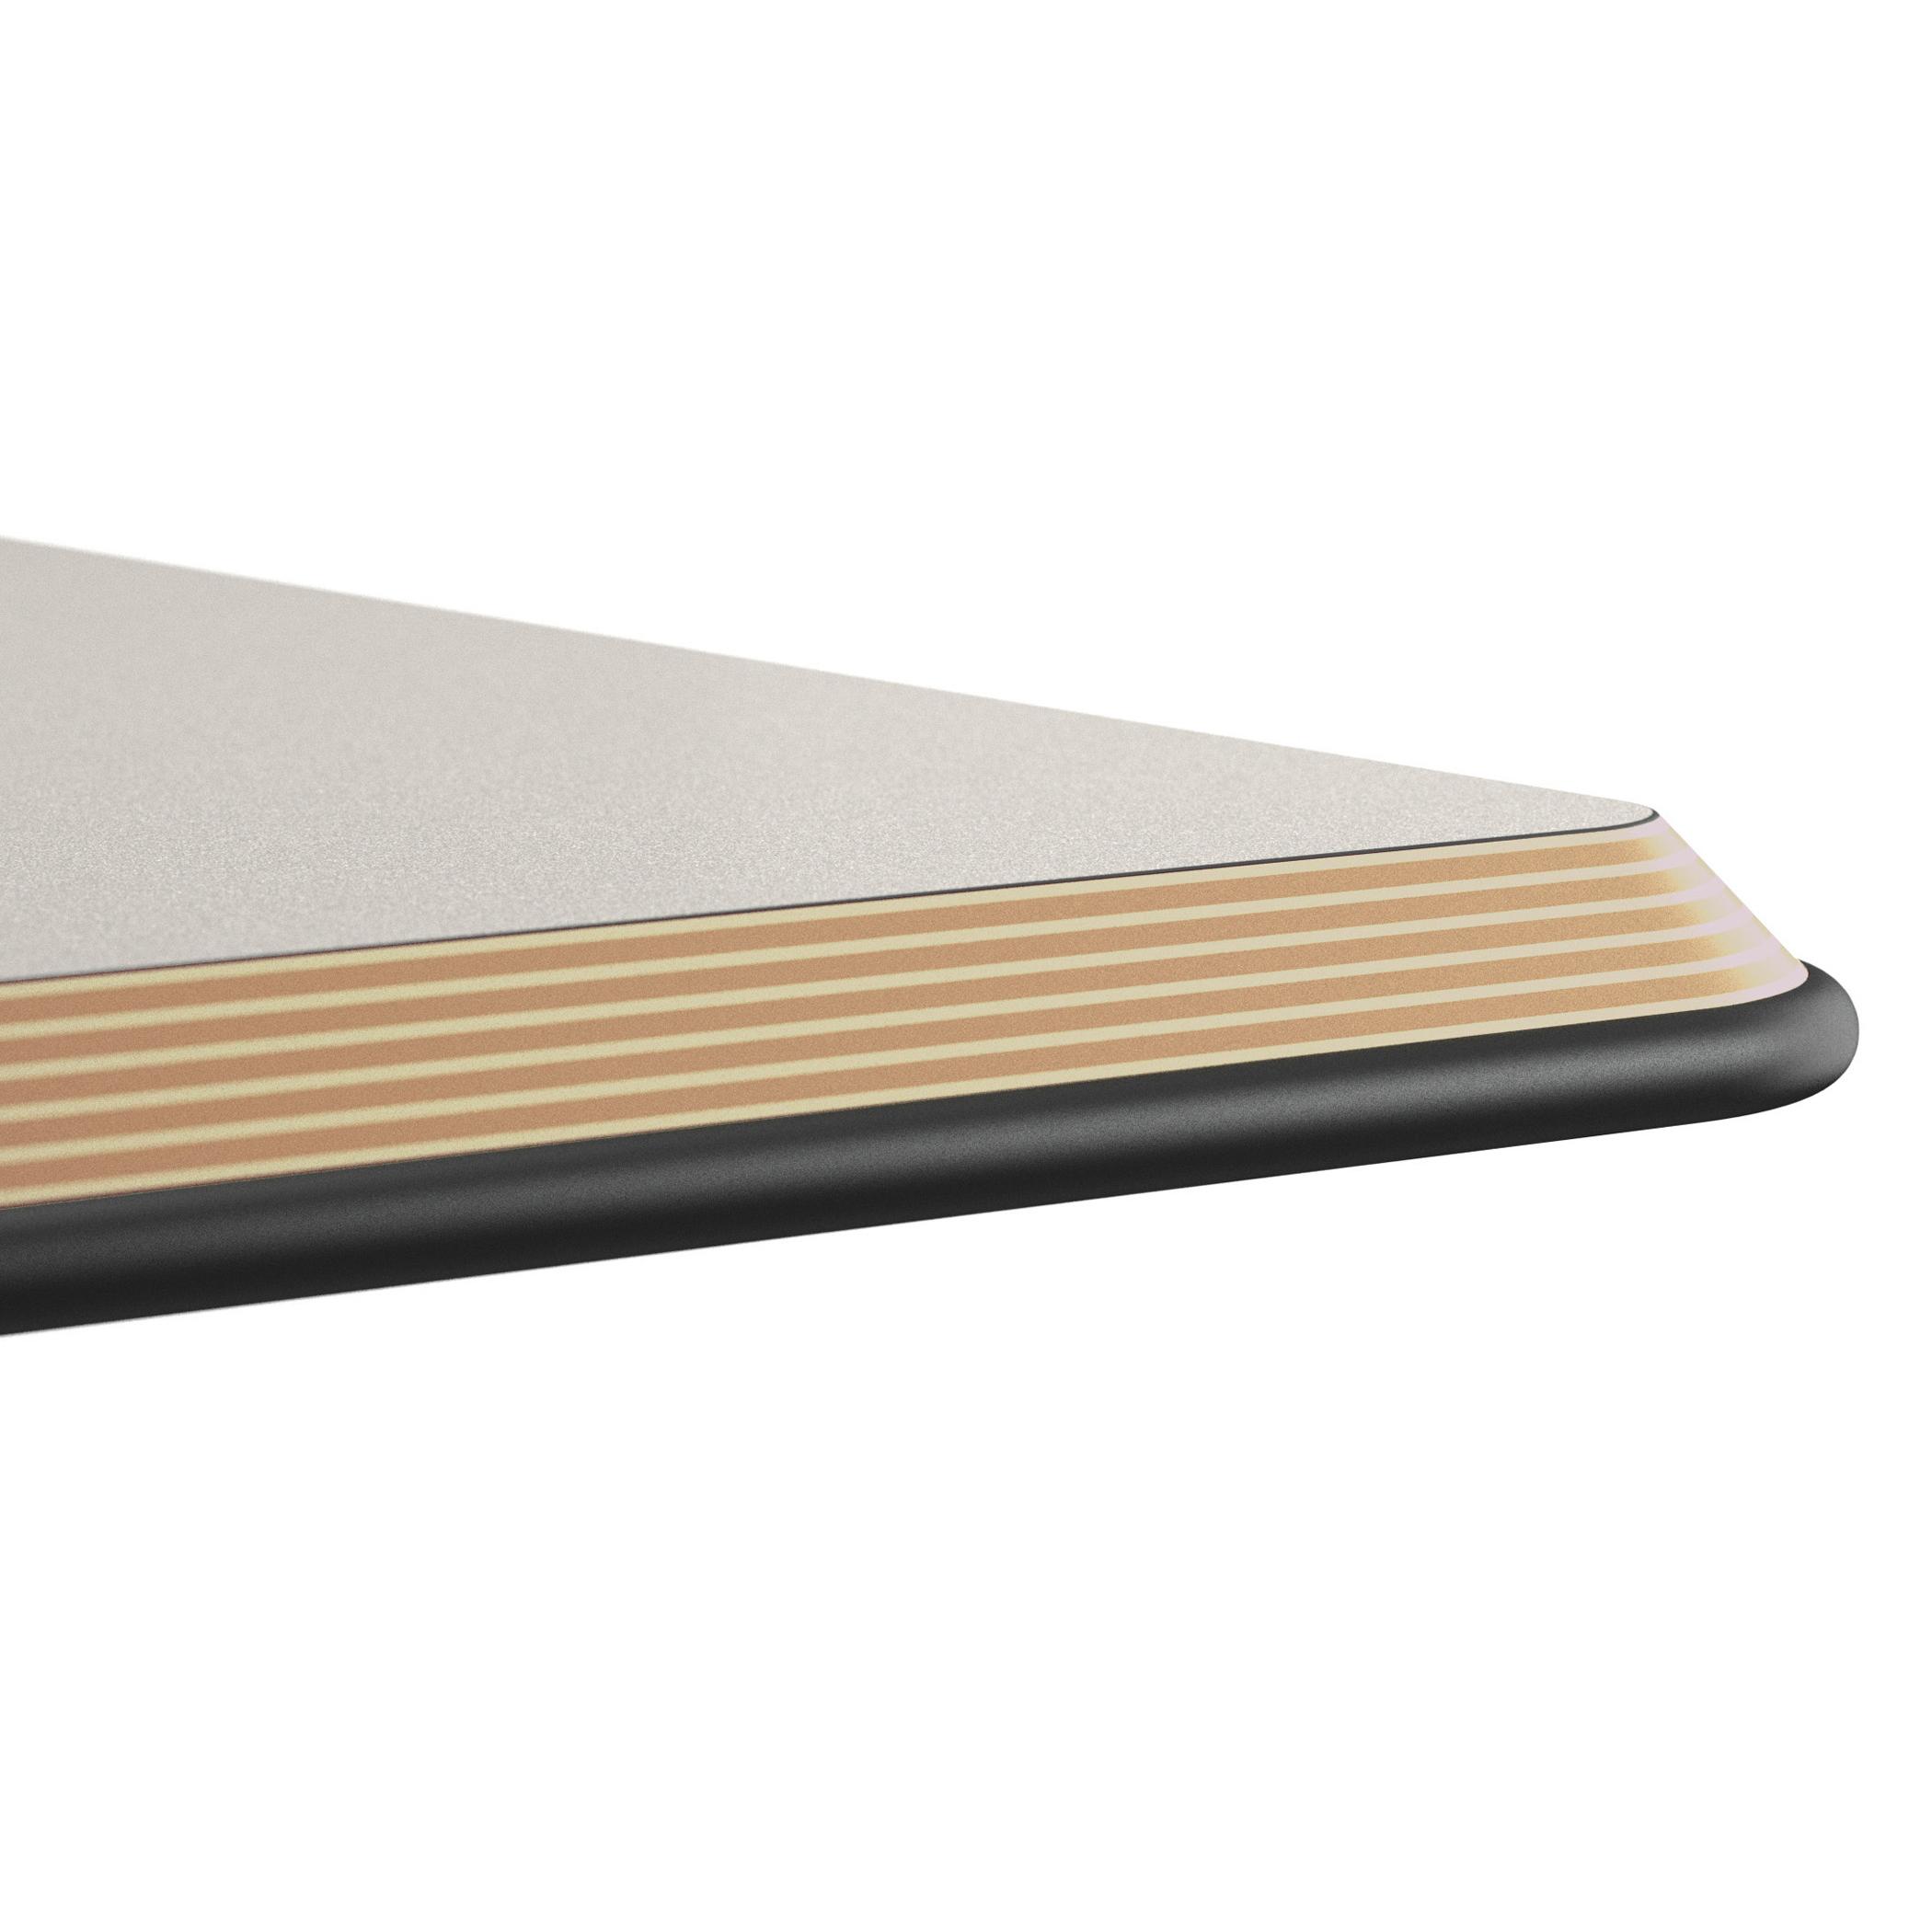 Plywood Vinyl Edge Top